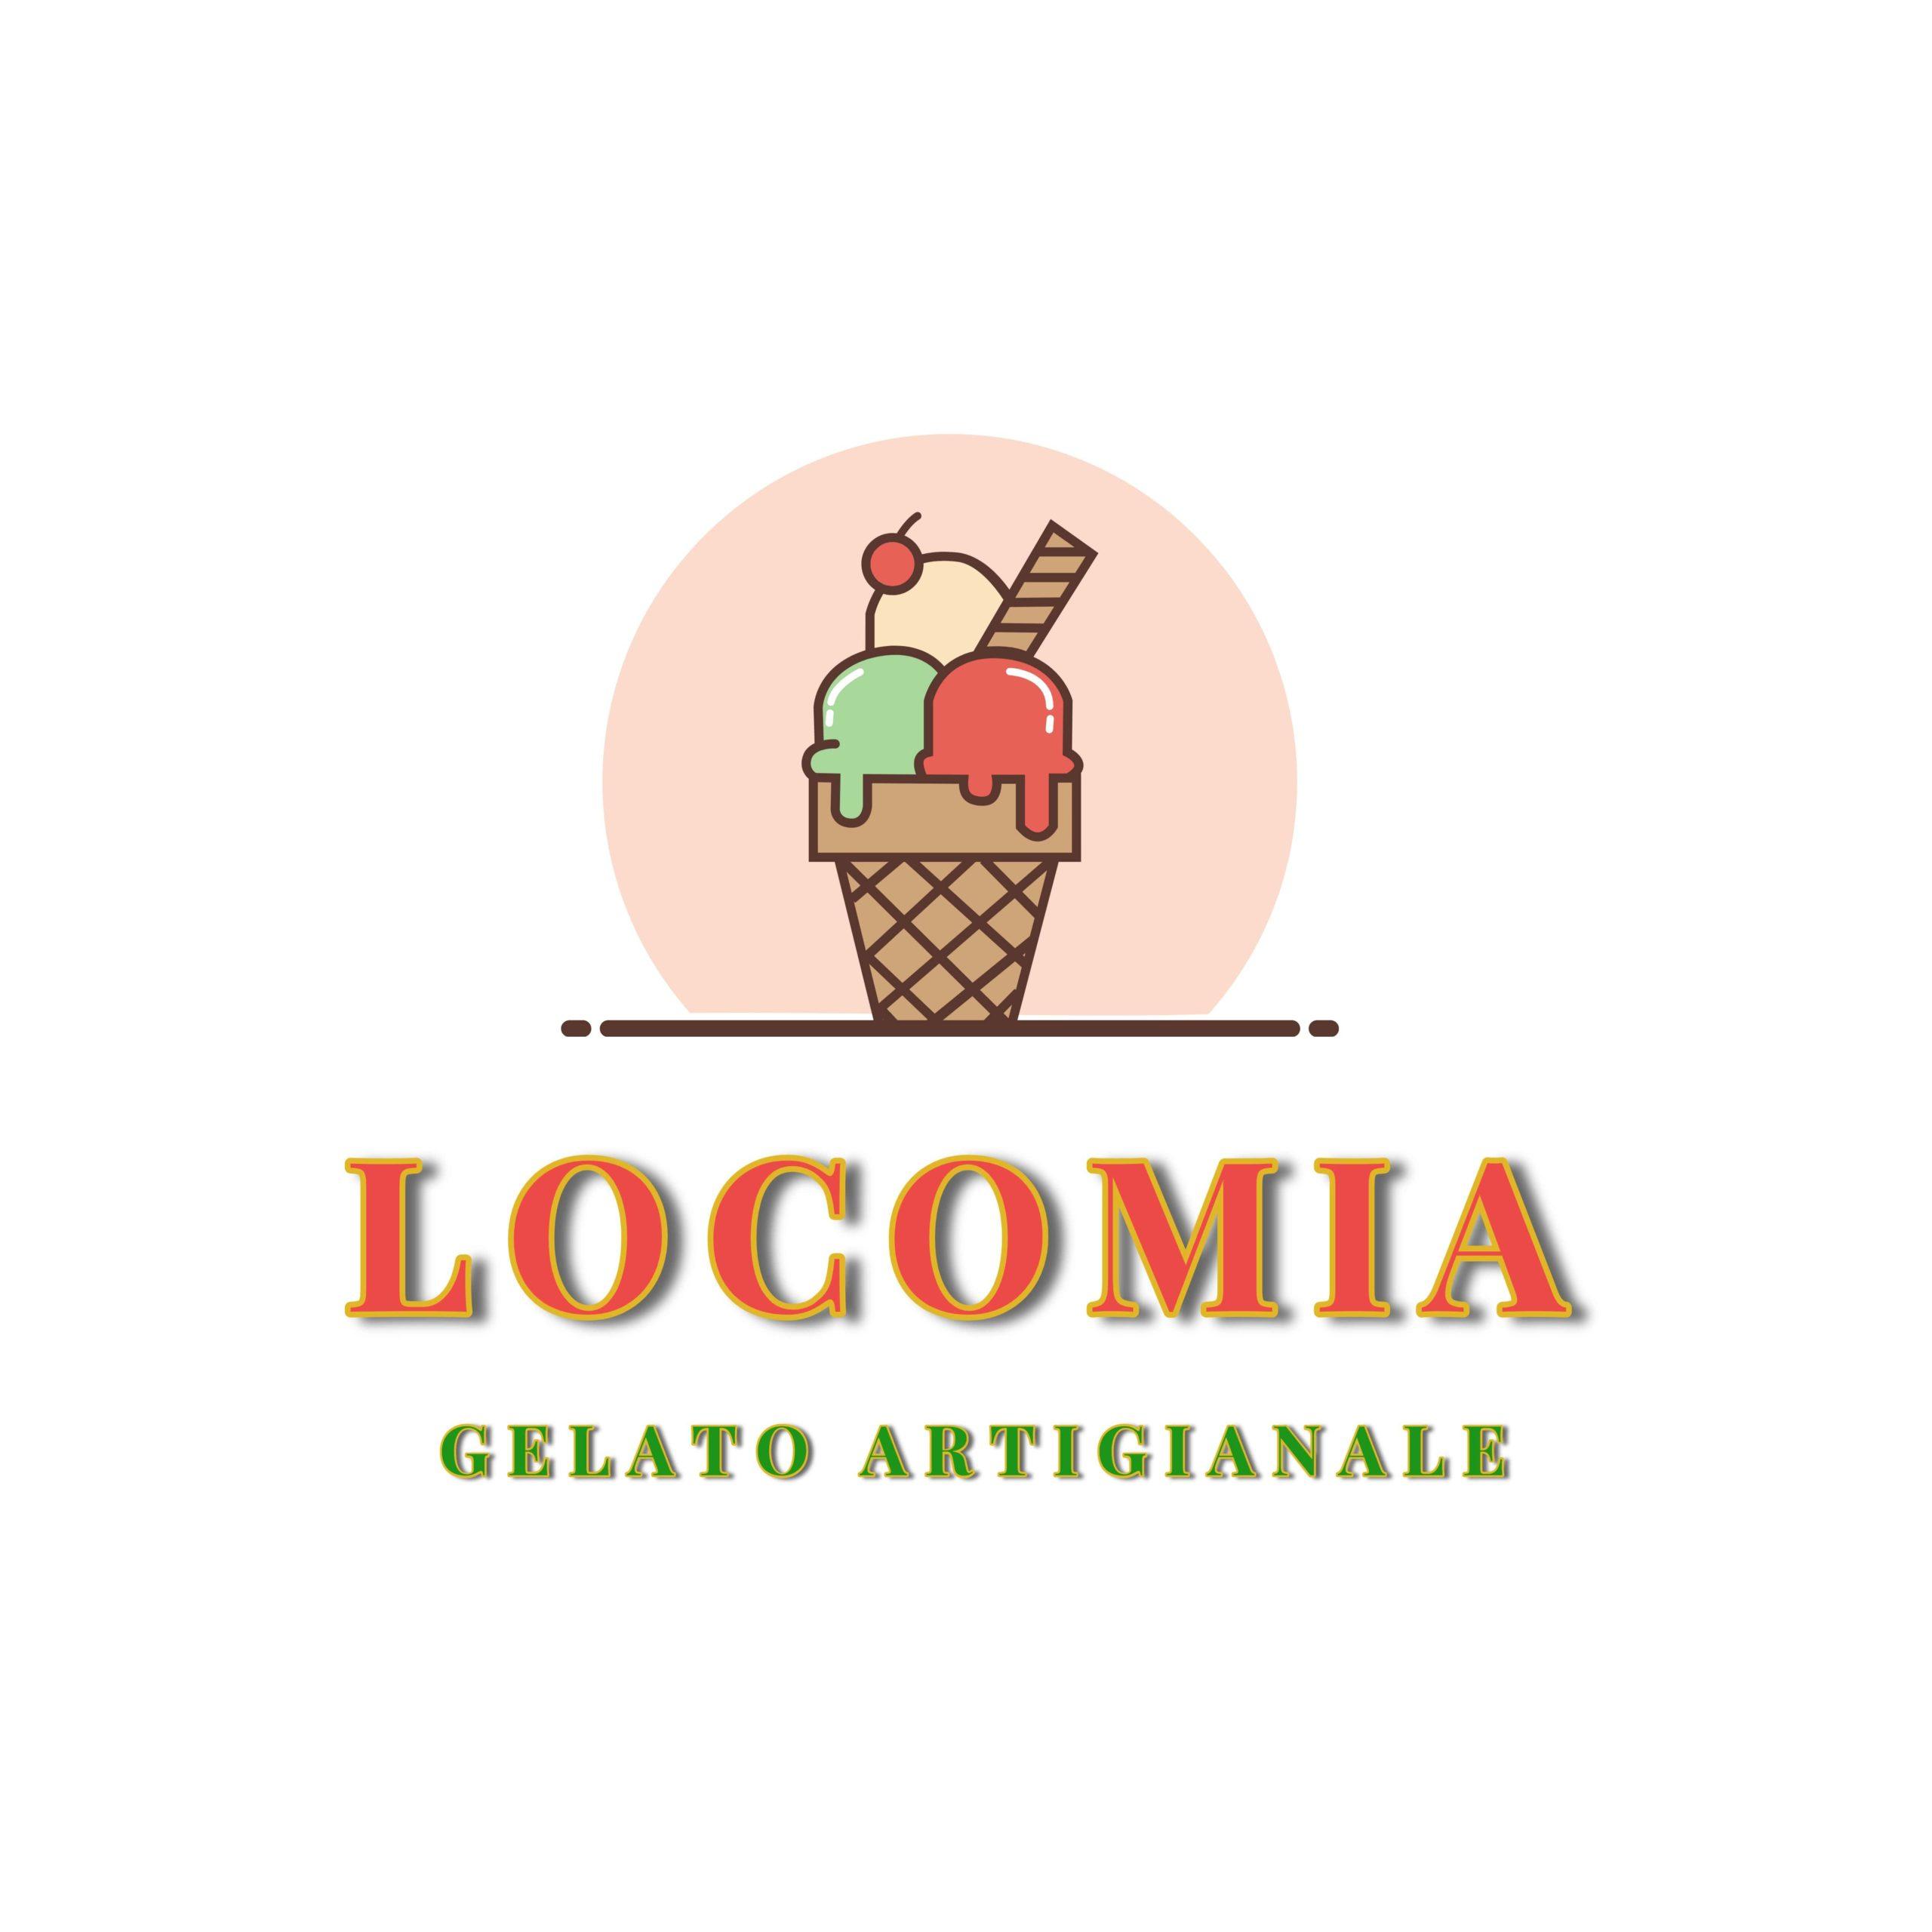 Locomia Gelati, laboratorio di gelato